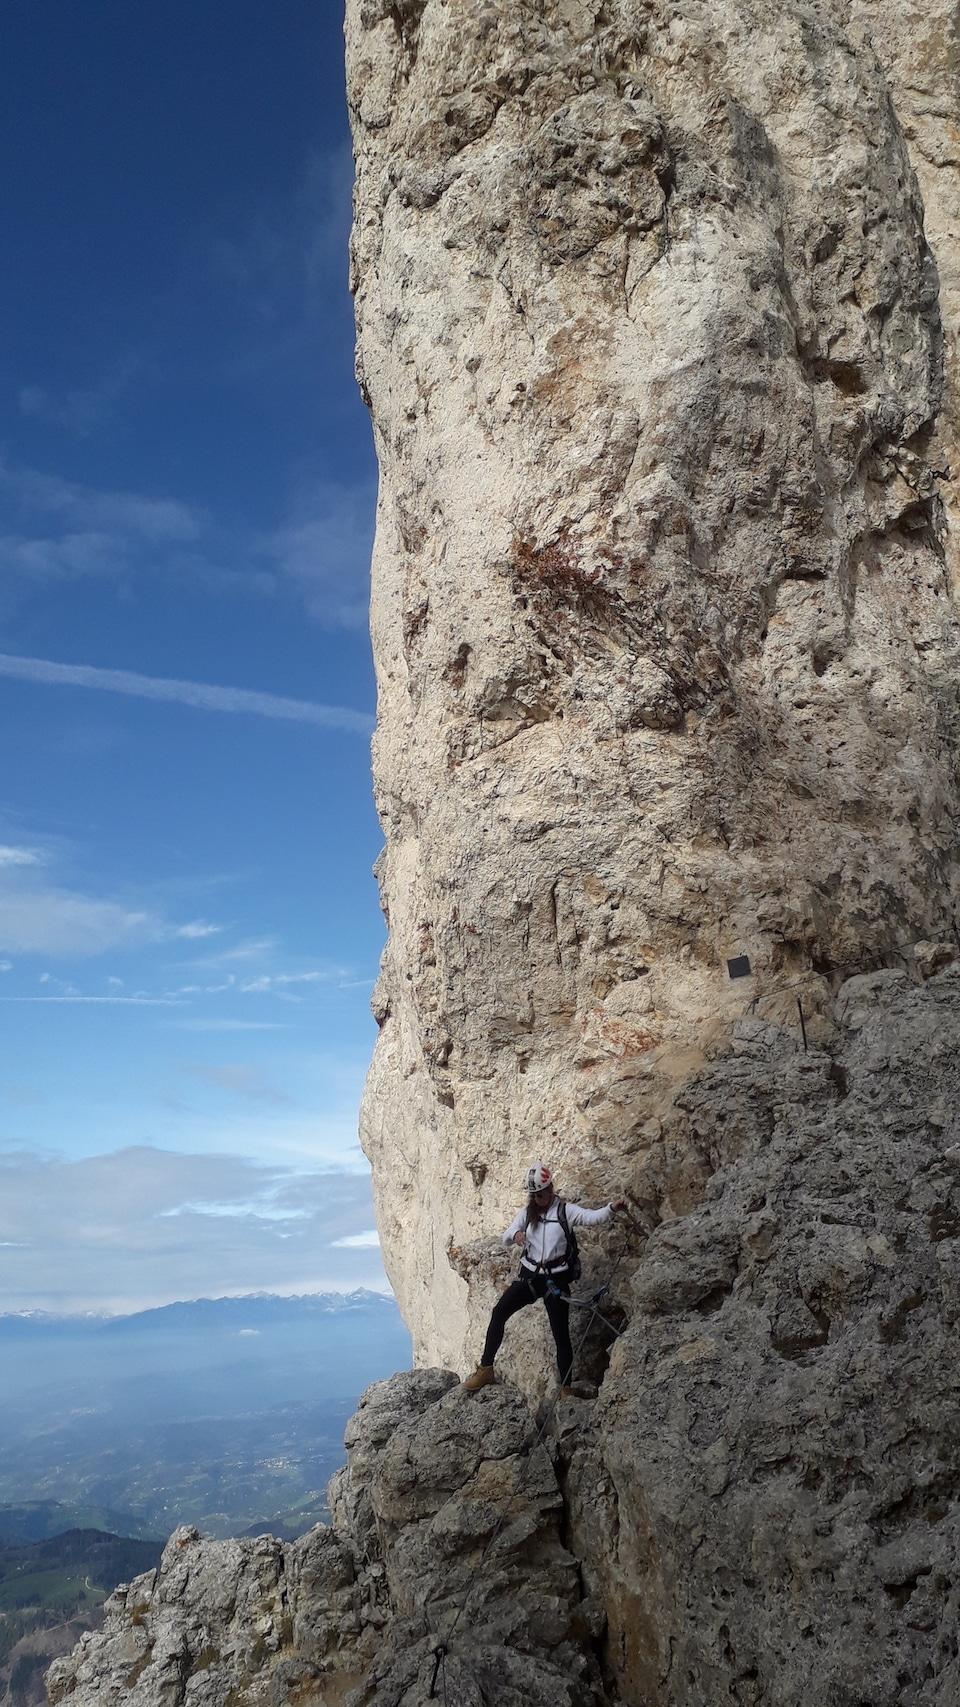 adrenaline ervaren tijdens het klimmen in Italie